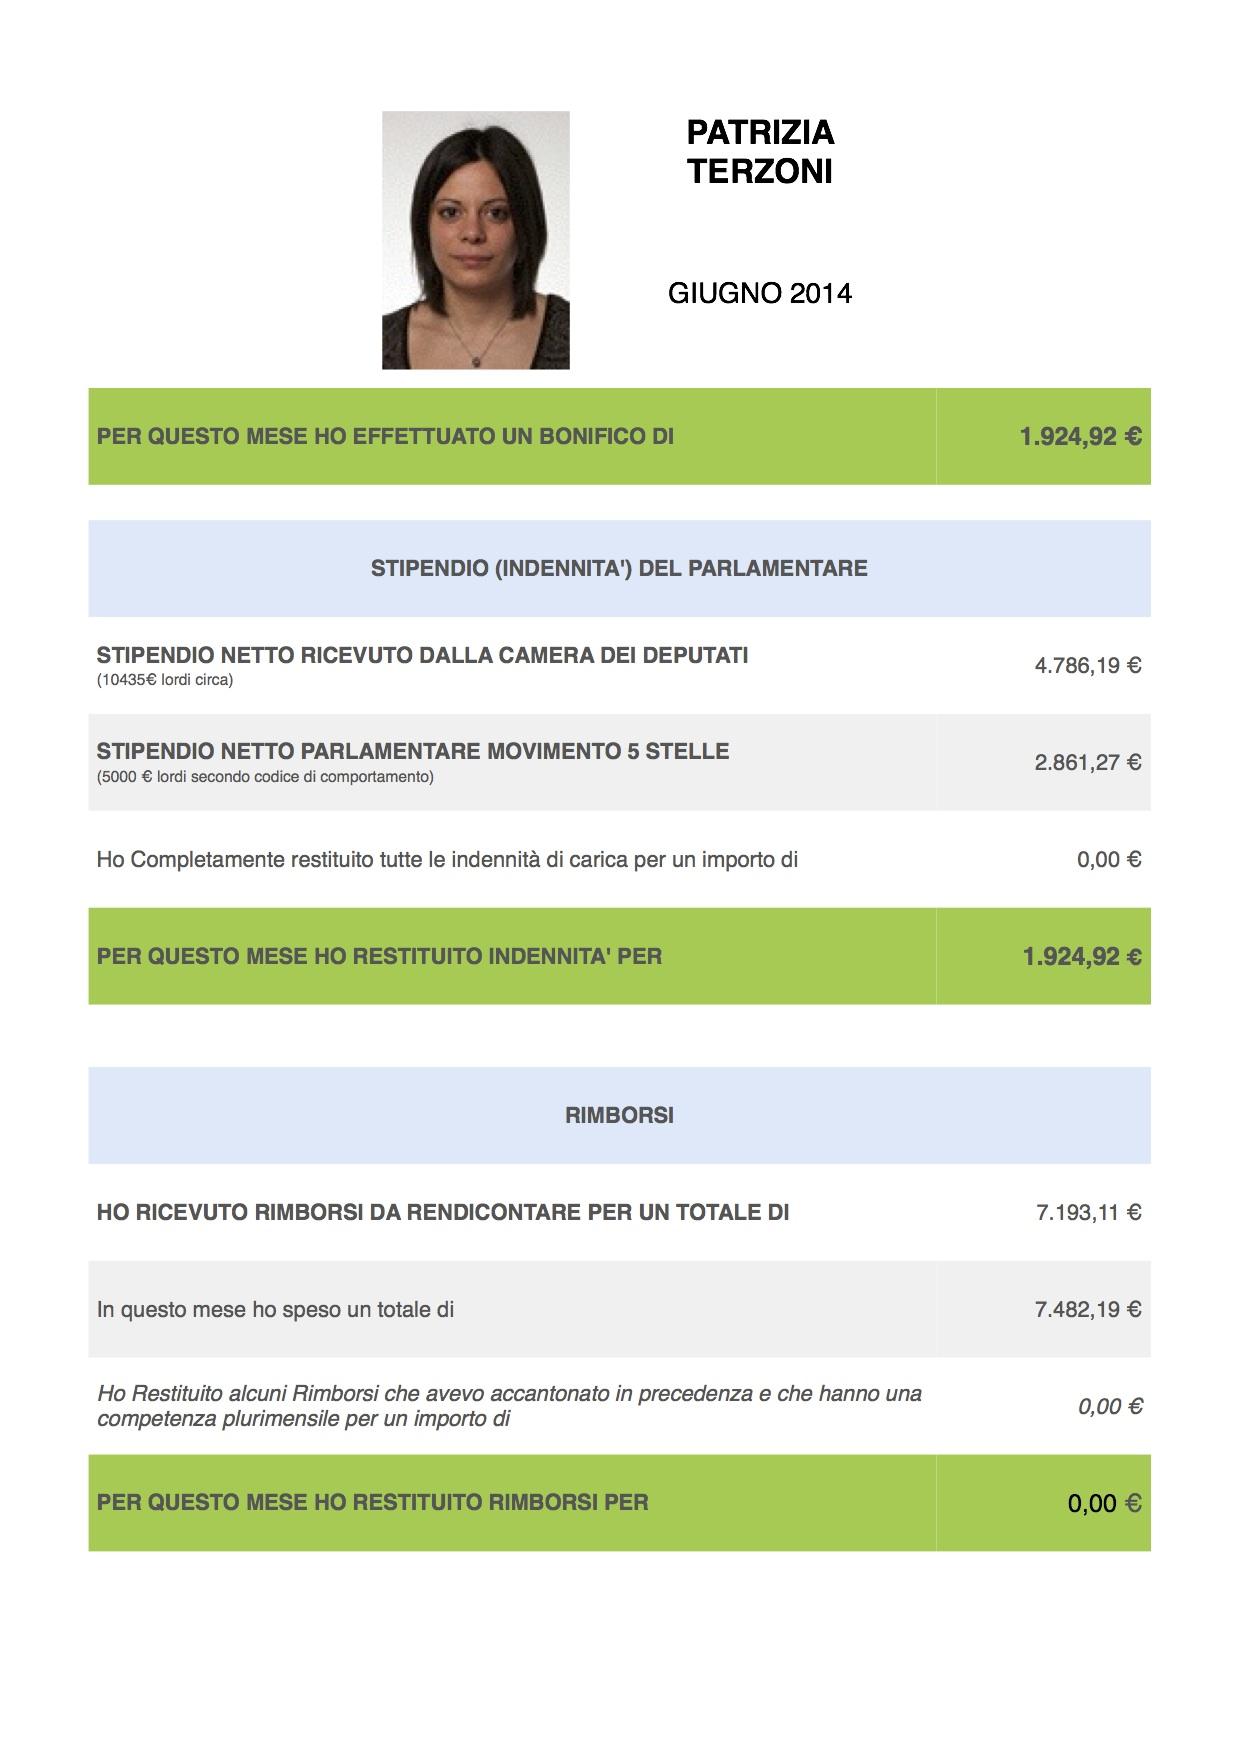 Giugno 2014 patrizia terzoni for Indirizzo della camera dei deputati